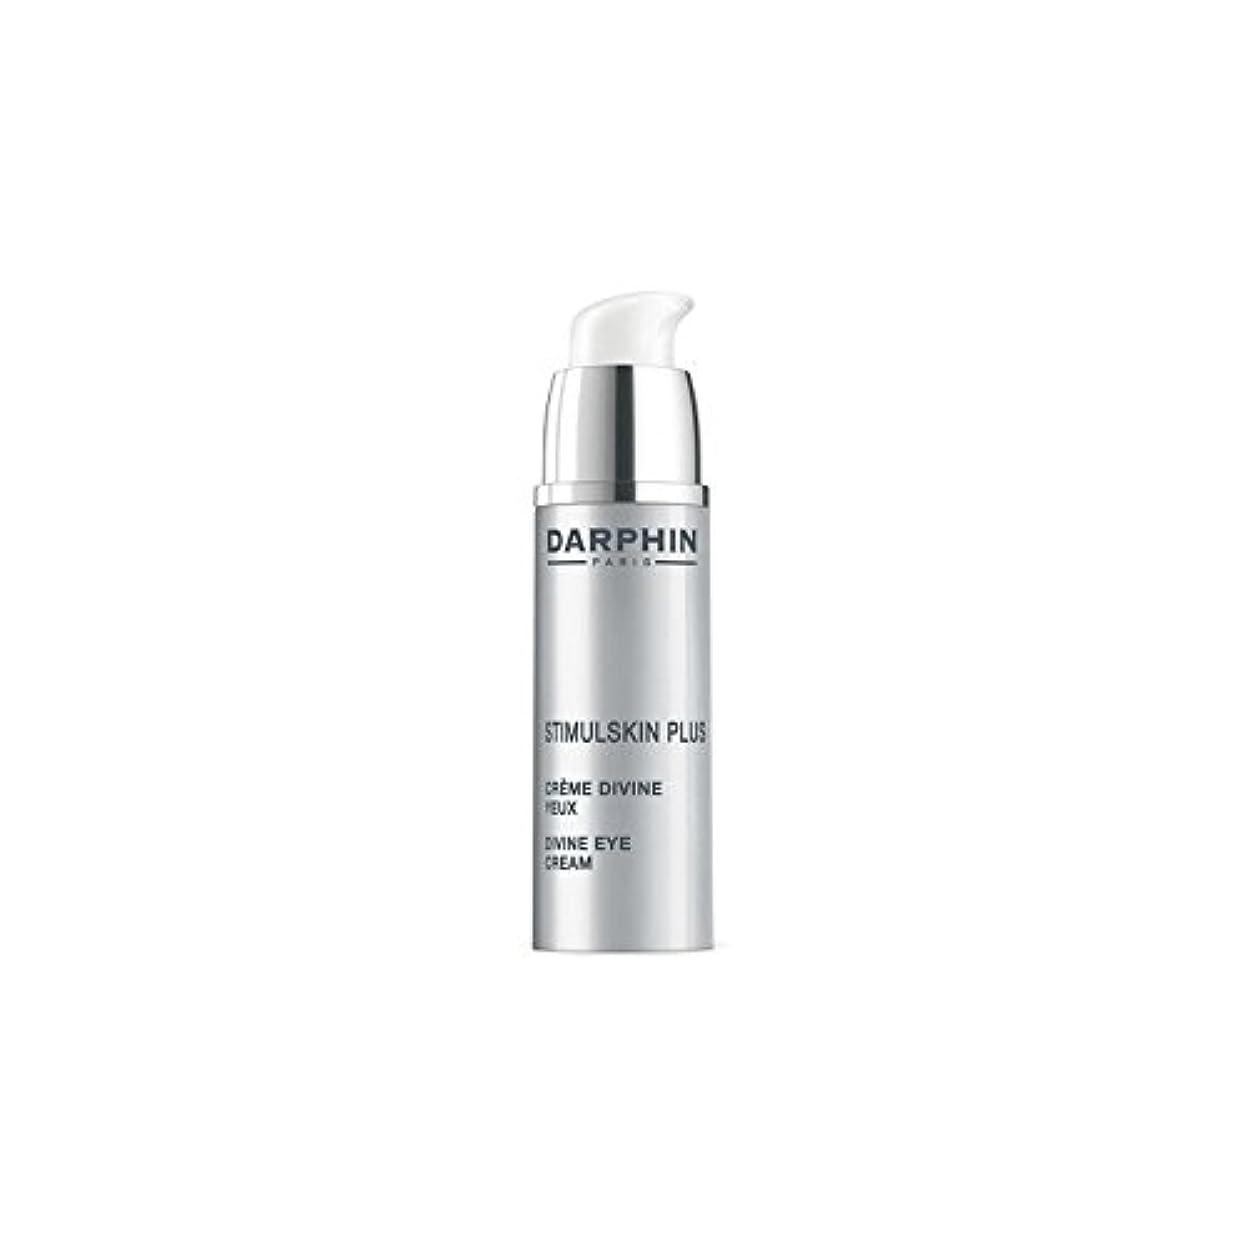 流行振幅通信するDarphin Stimulskin Plus Divine Illuminating Eye Cream (15ml) (Pack of 6) - ダルファンスティプラス神の照明アイクリーム(15ミリリットル) x6...